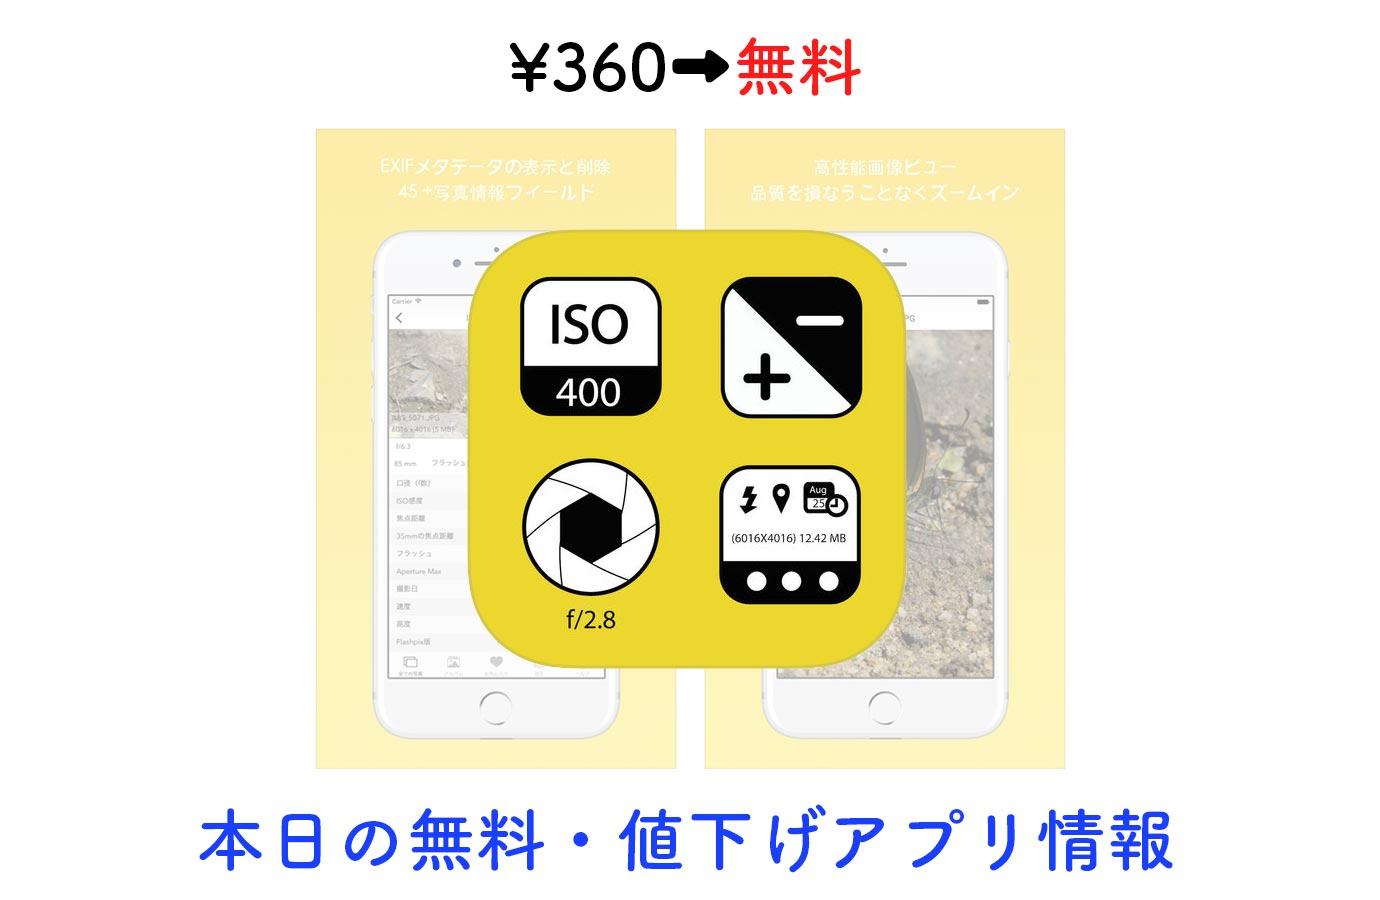 ¥360→無料、写真に埋め込まれたExifメタデータを確認・削除できる「Exif Viewer」など【12/23】本日の無料・値下げアプリ情報